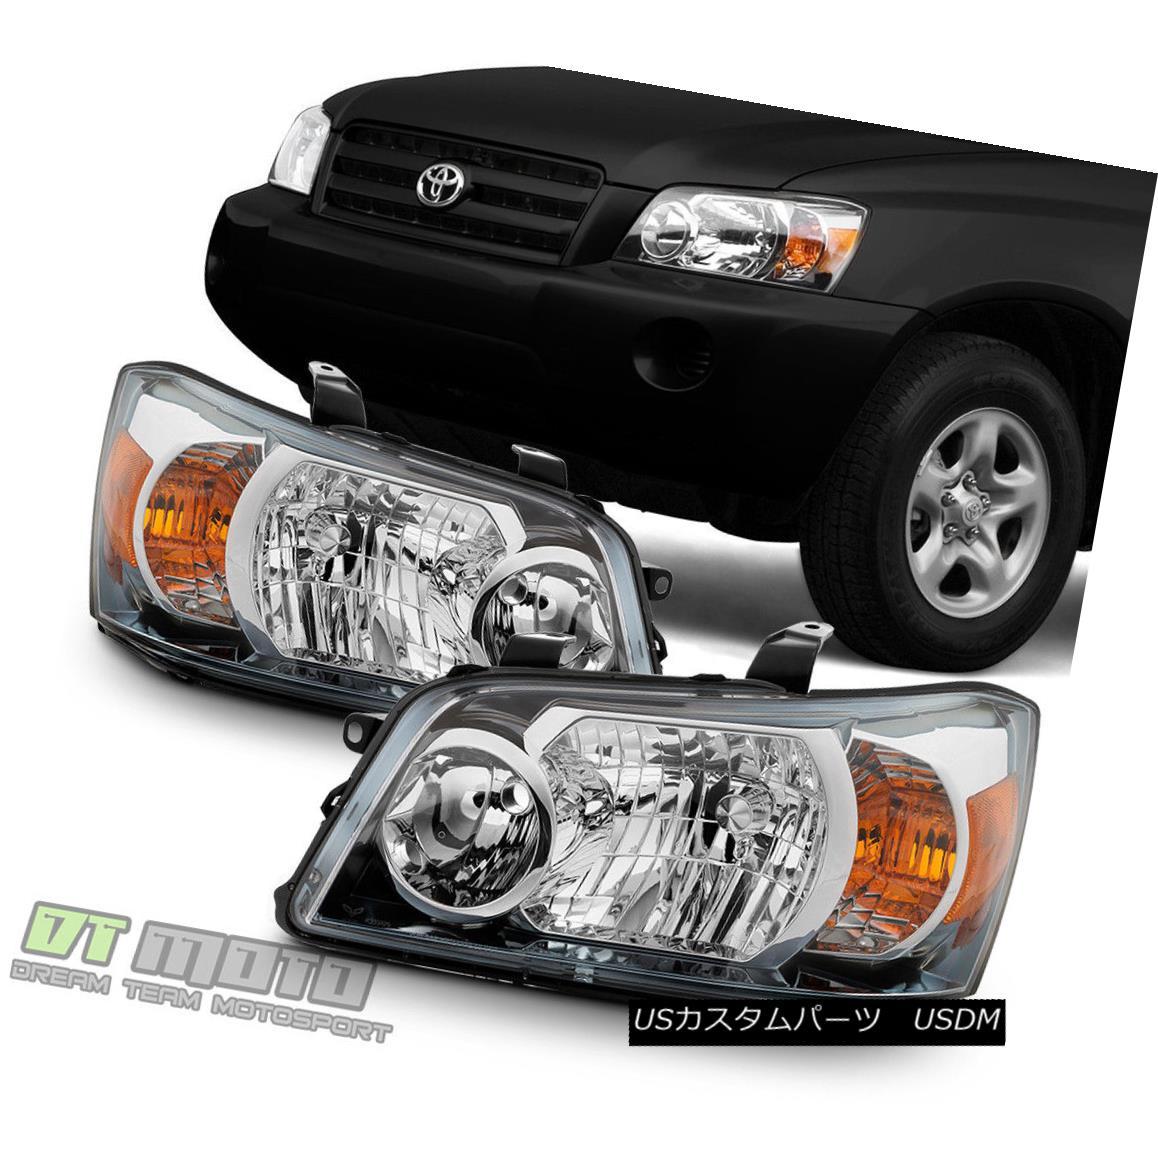 ヘッドライト 2004 2005 2006 Toyota Highlander Factory Style Headlights Replacement Headlamps 2004年2005年2006年トヨタハイランダー工場スタイルヘッドライト交換ヘッドランプ